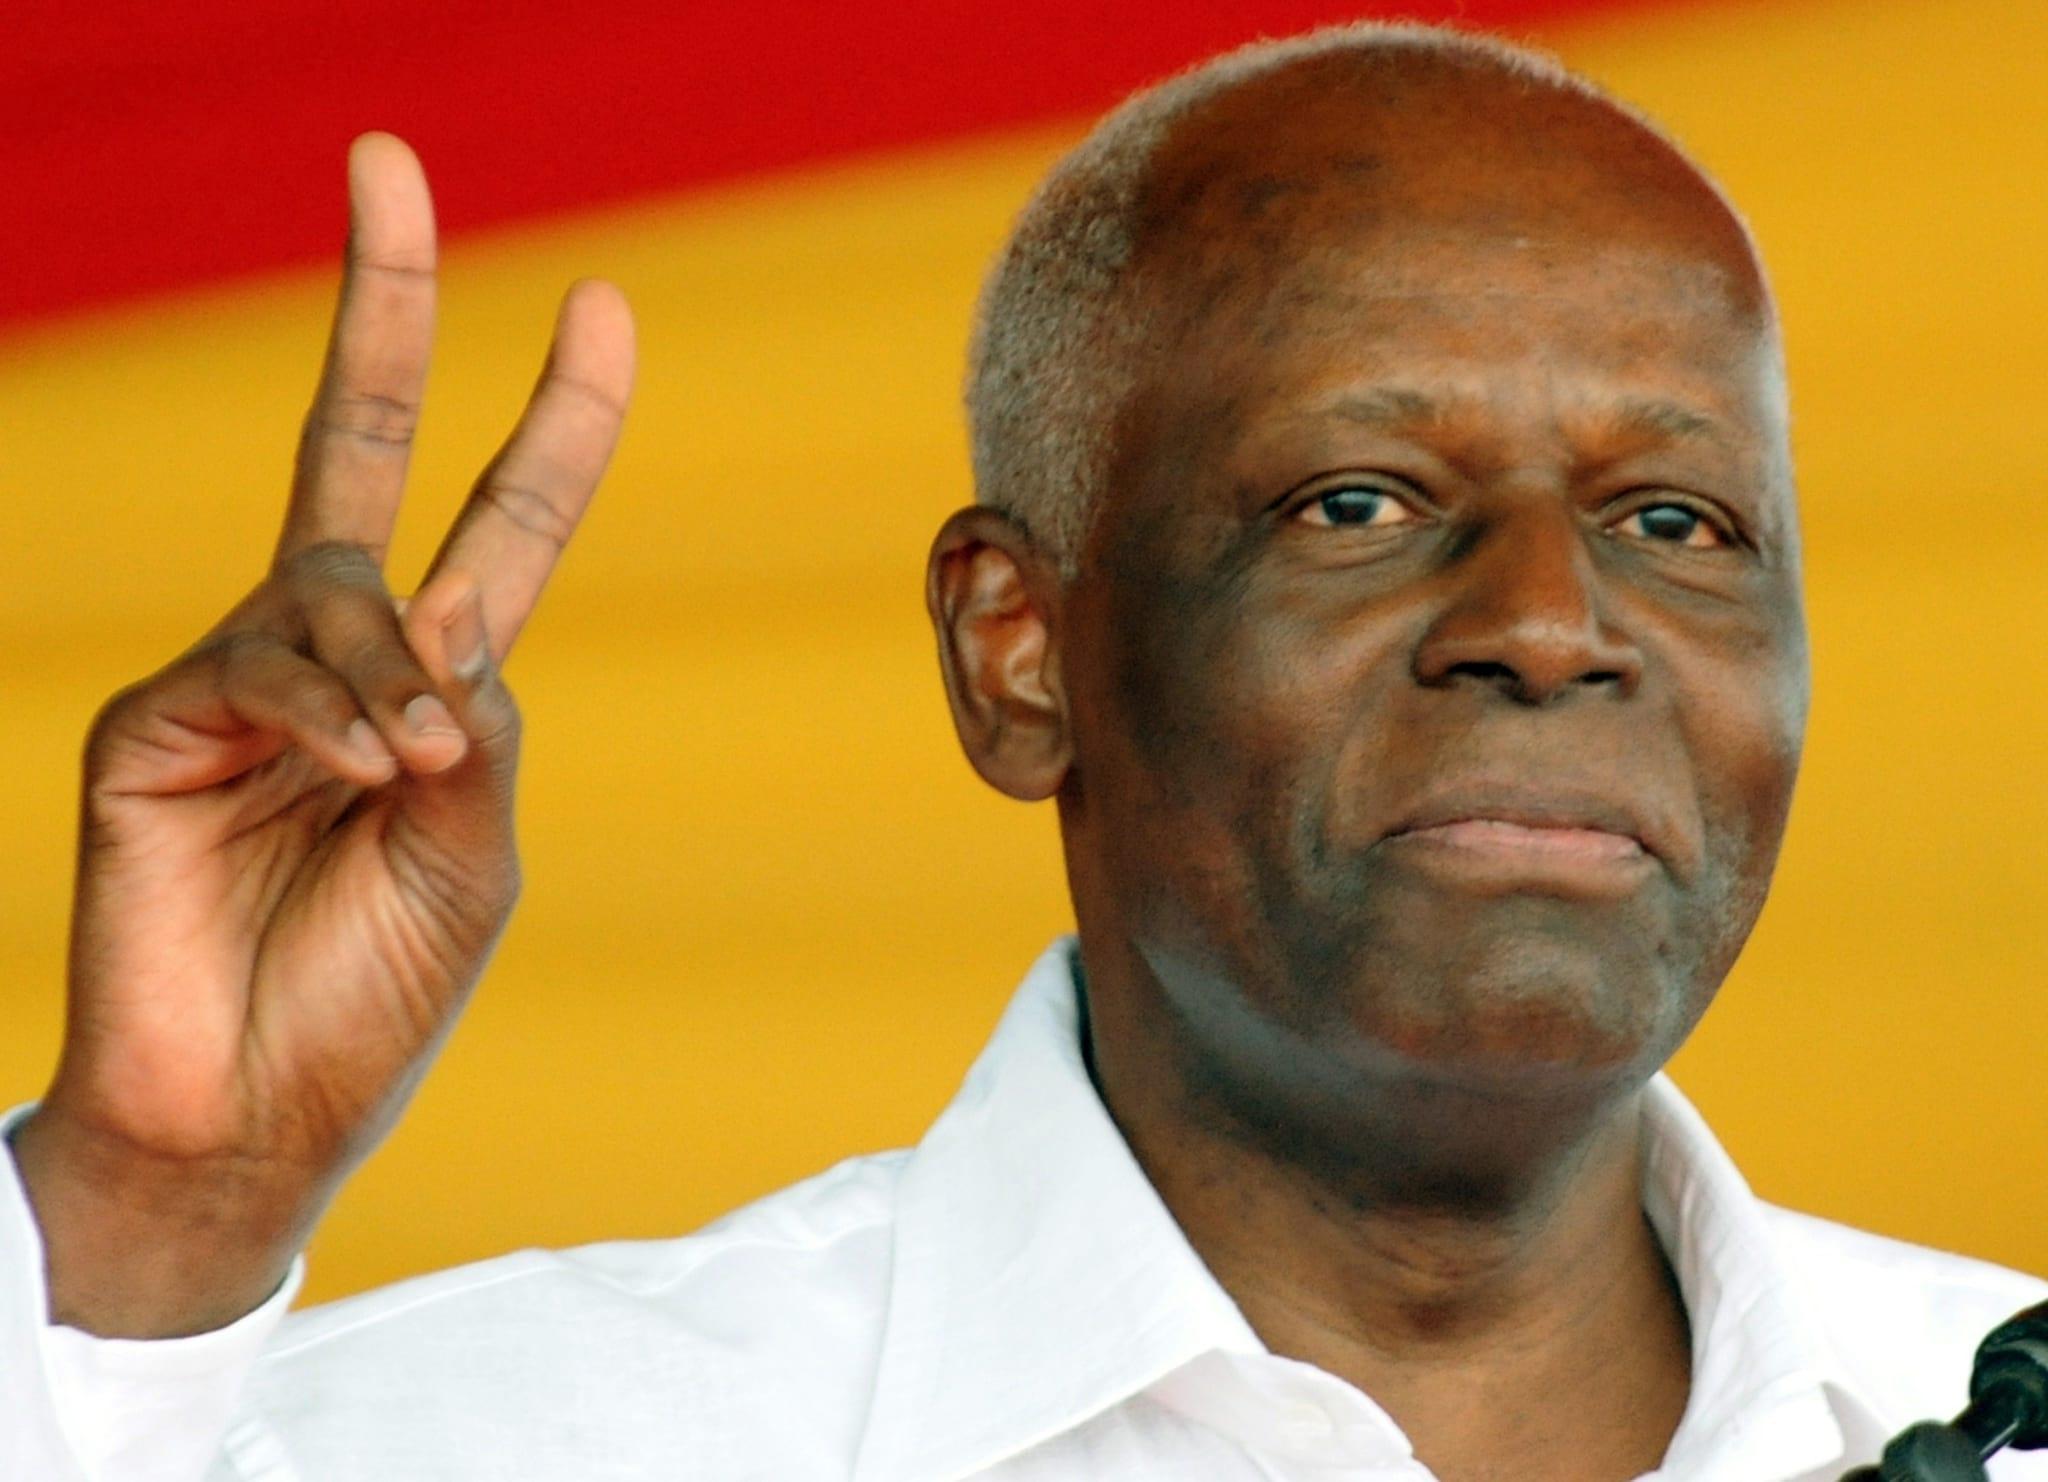 José Eduardo dos Santos, de 74 anos, está há 37 no pdoer em Angola